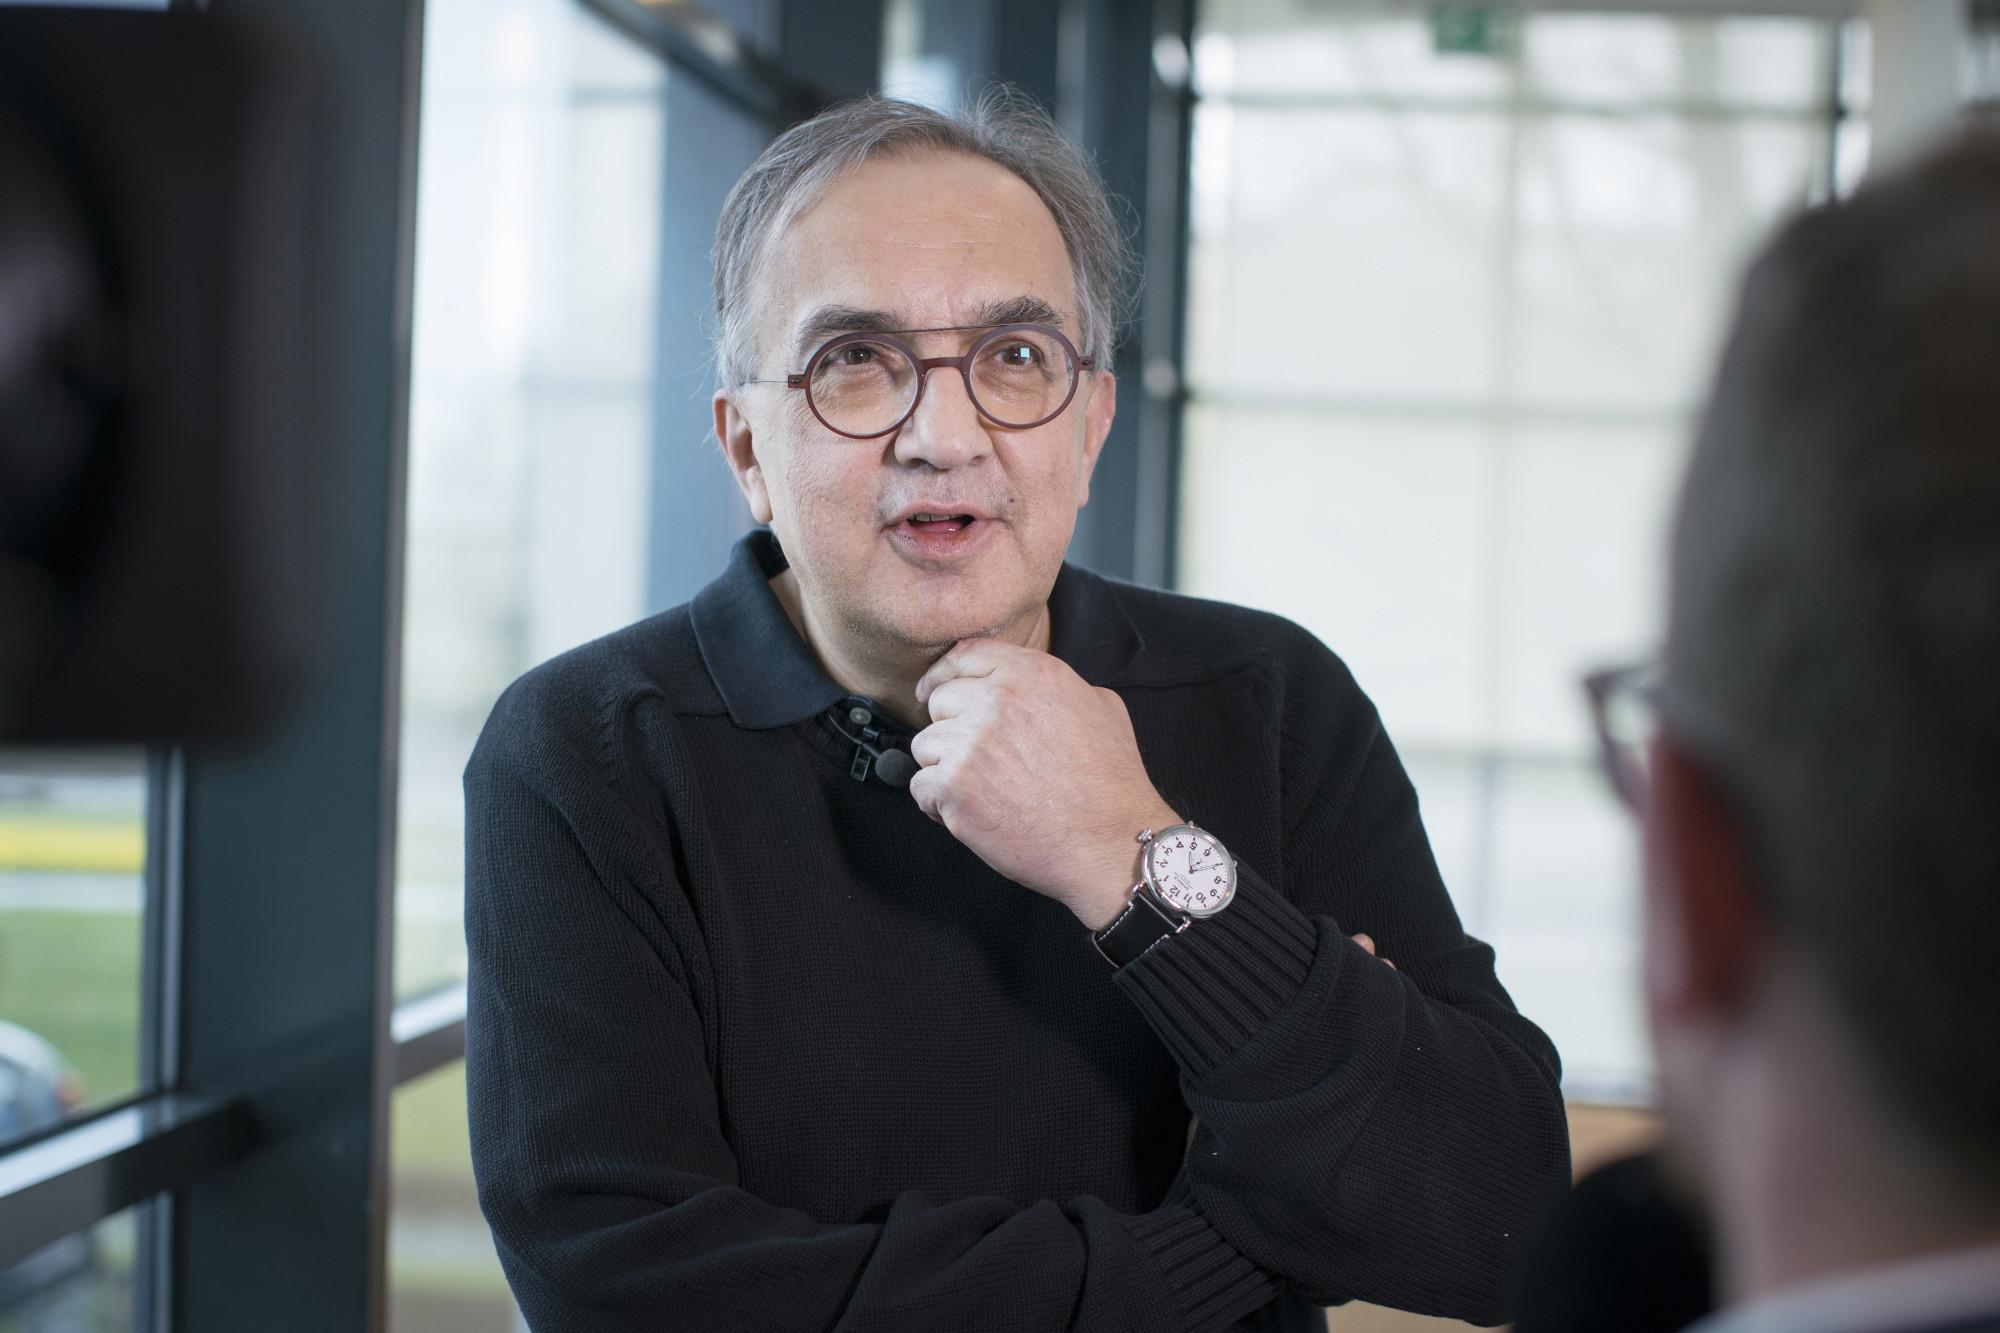 Έφυγε από τη ζωή ο Sergio Marchionne, πρώην CEO της Fiat Chrysler